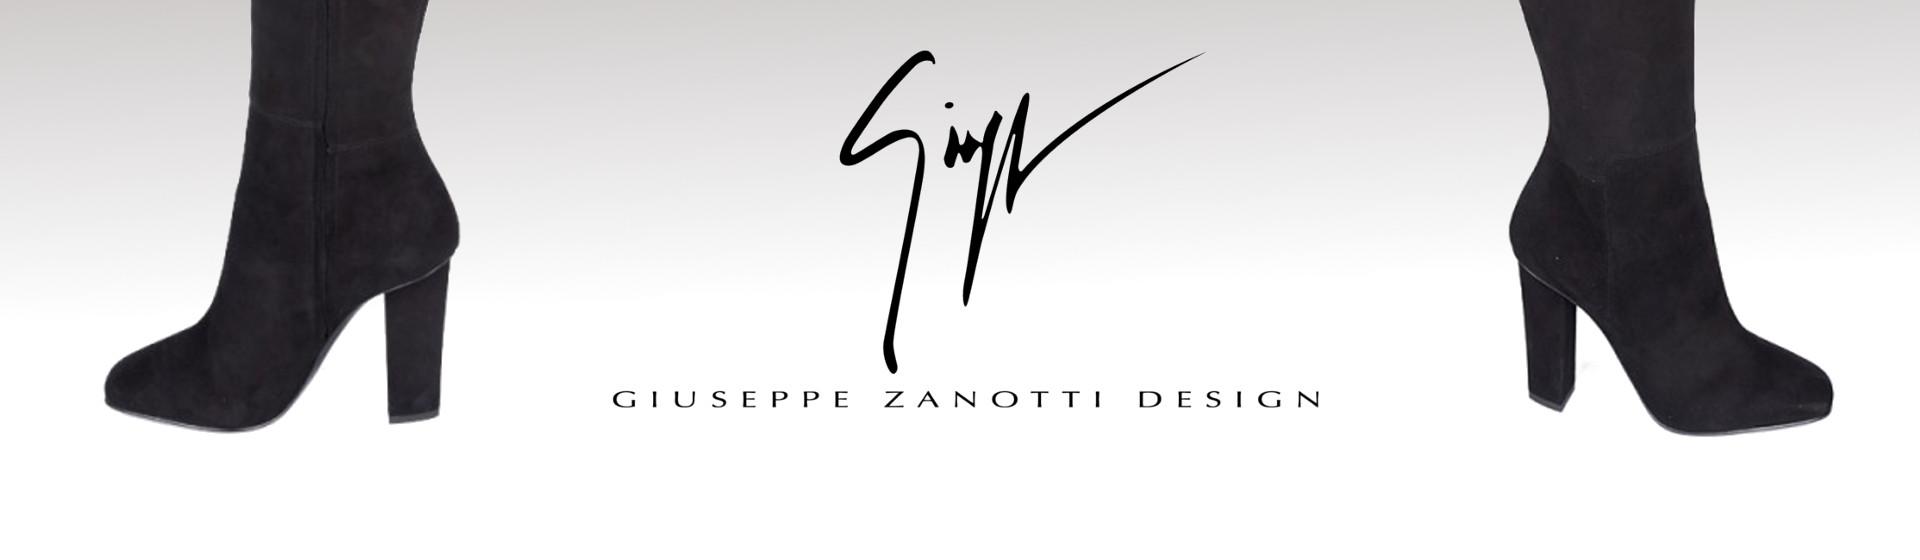 Staff Pick: Giuseppe Zanotti Alabama Boots